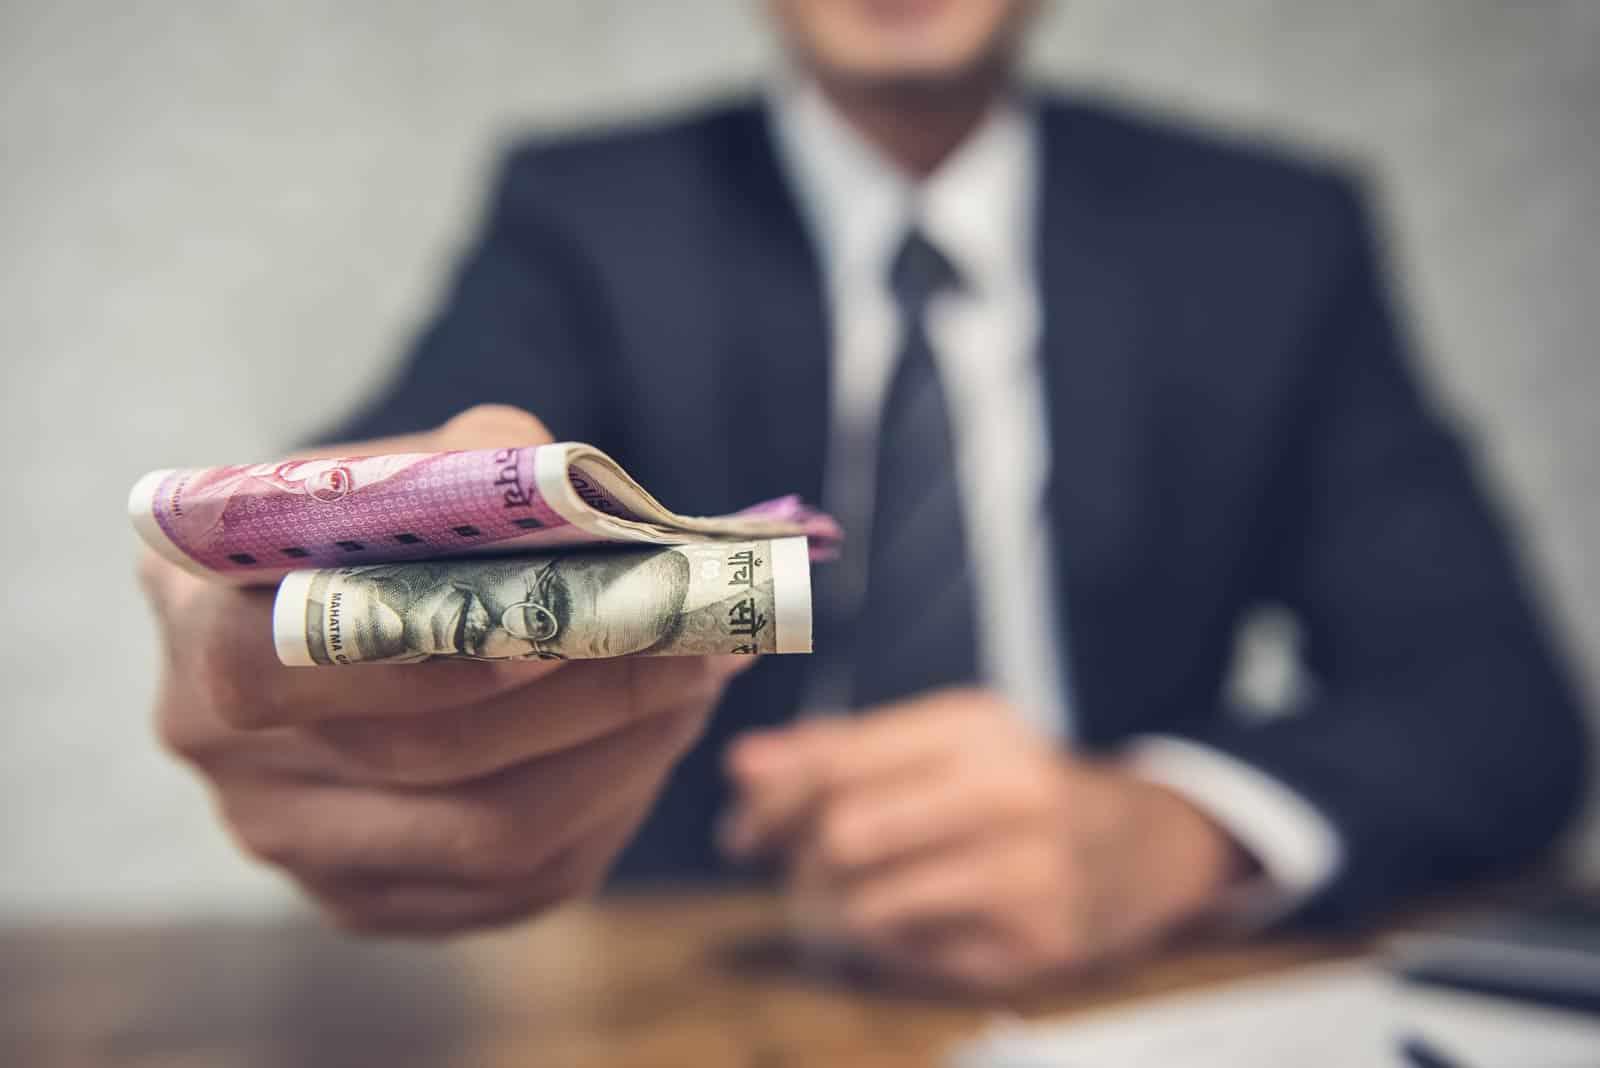 Împrumut rapid de bani fără acte